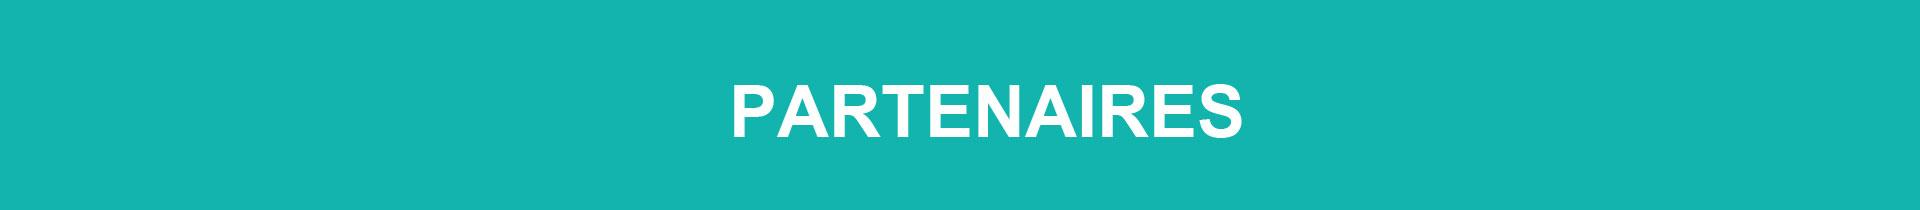 Partenaire_Section_1920x210